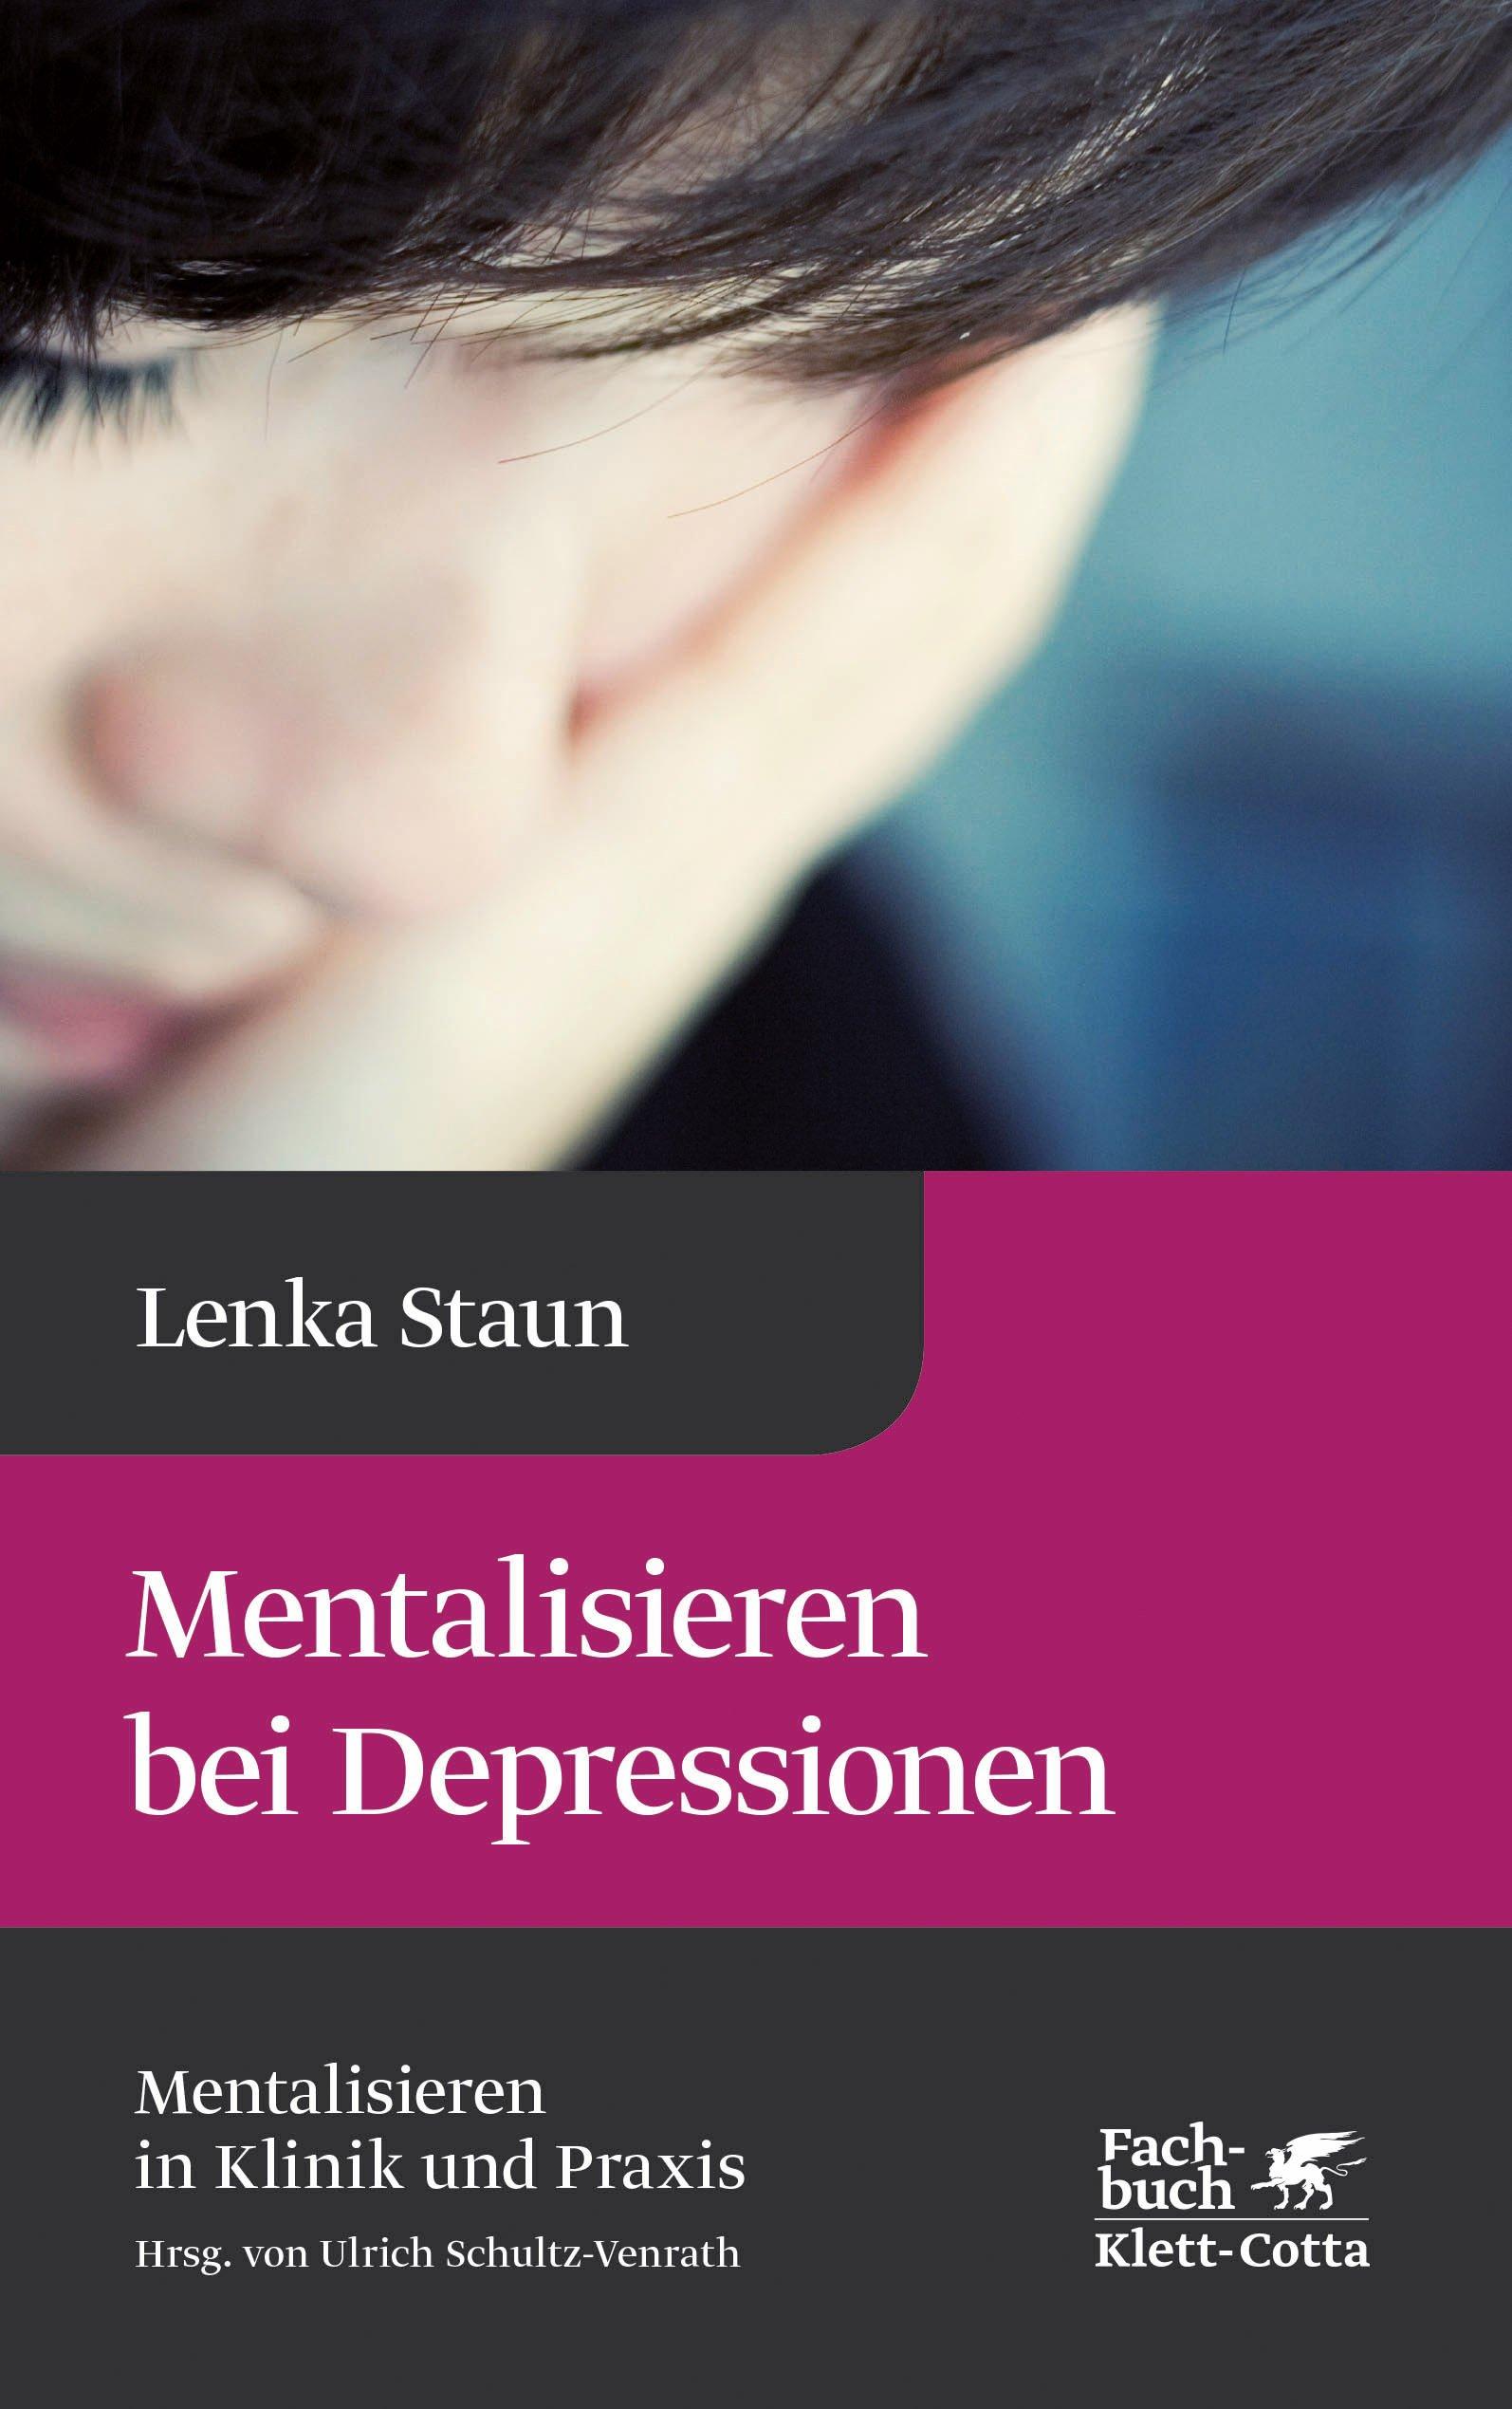 Mentalisieren bei Depressionen